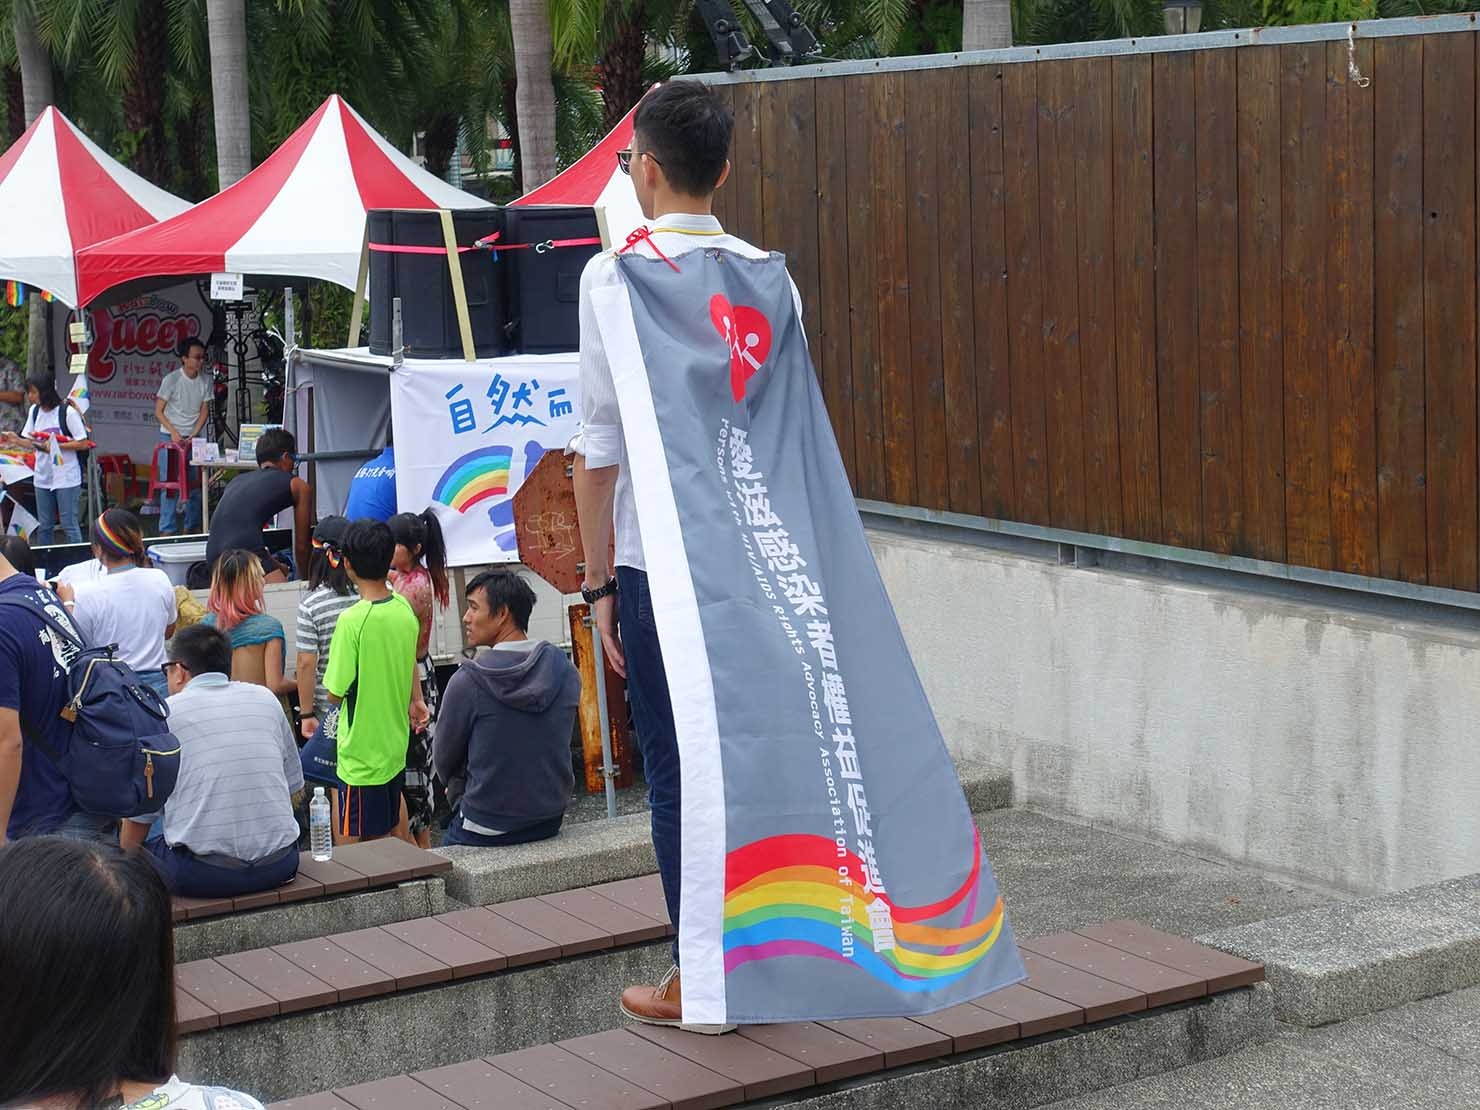 花東彩虹嘉年華(台湾東部LGBTプライド / 花蓮場)の集合場所・花蓮文創園區でフラッグを身にまとう参加者